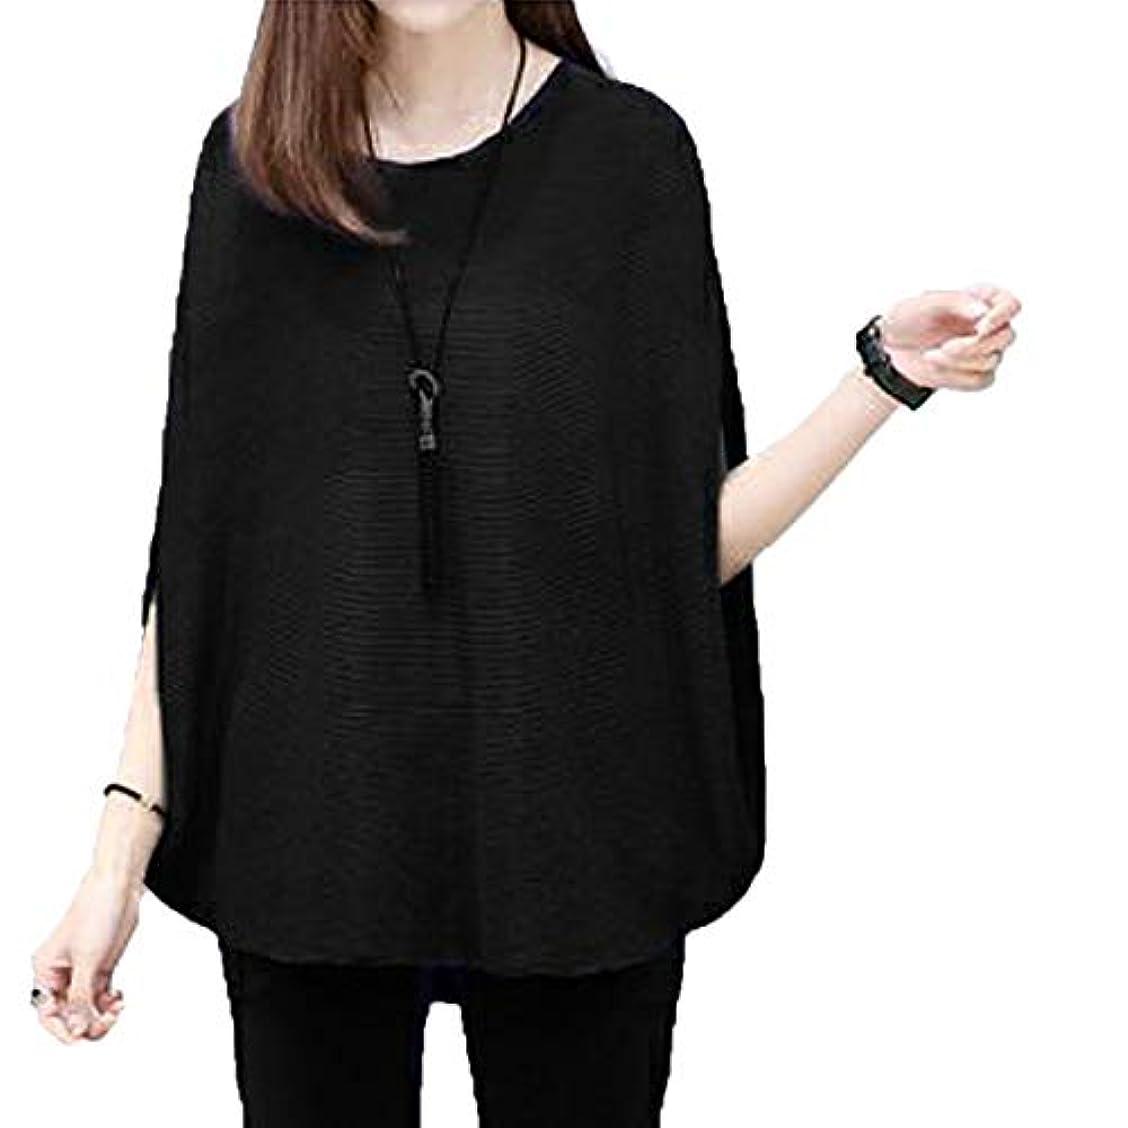 マガジン入学する判決[ココチエ] レディース トップス Tシャツ 二の腕 カバー 半袖 ノースリーブ プルオーバー ゆったり 大人体型 体型カバー おおきいサイズ おしゃれ 黒 ネイビー